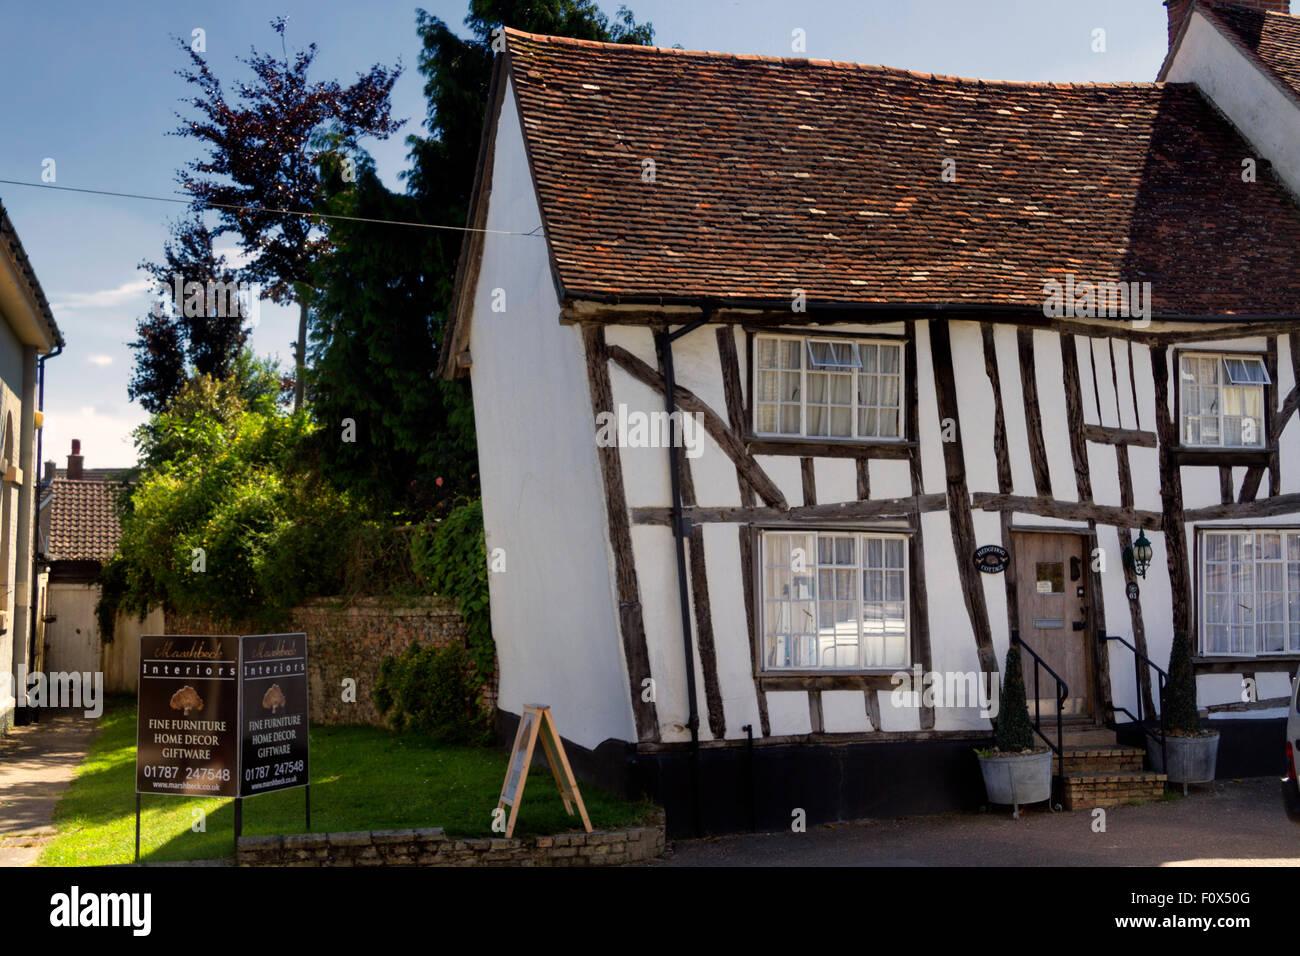 Historic timber framed Hedgehog Cottage, High Street, Lavenham, Suffolk, UK - Stock Image